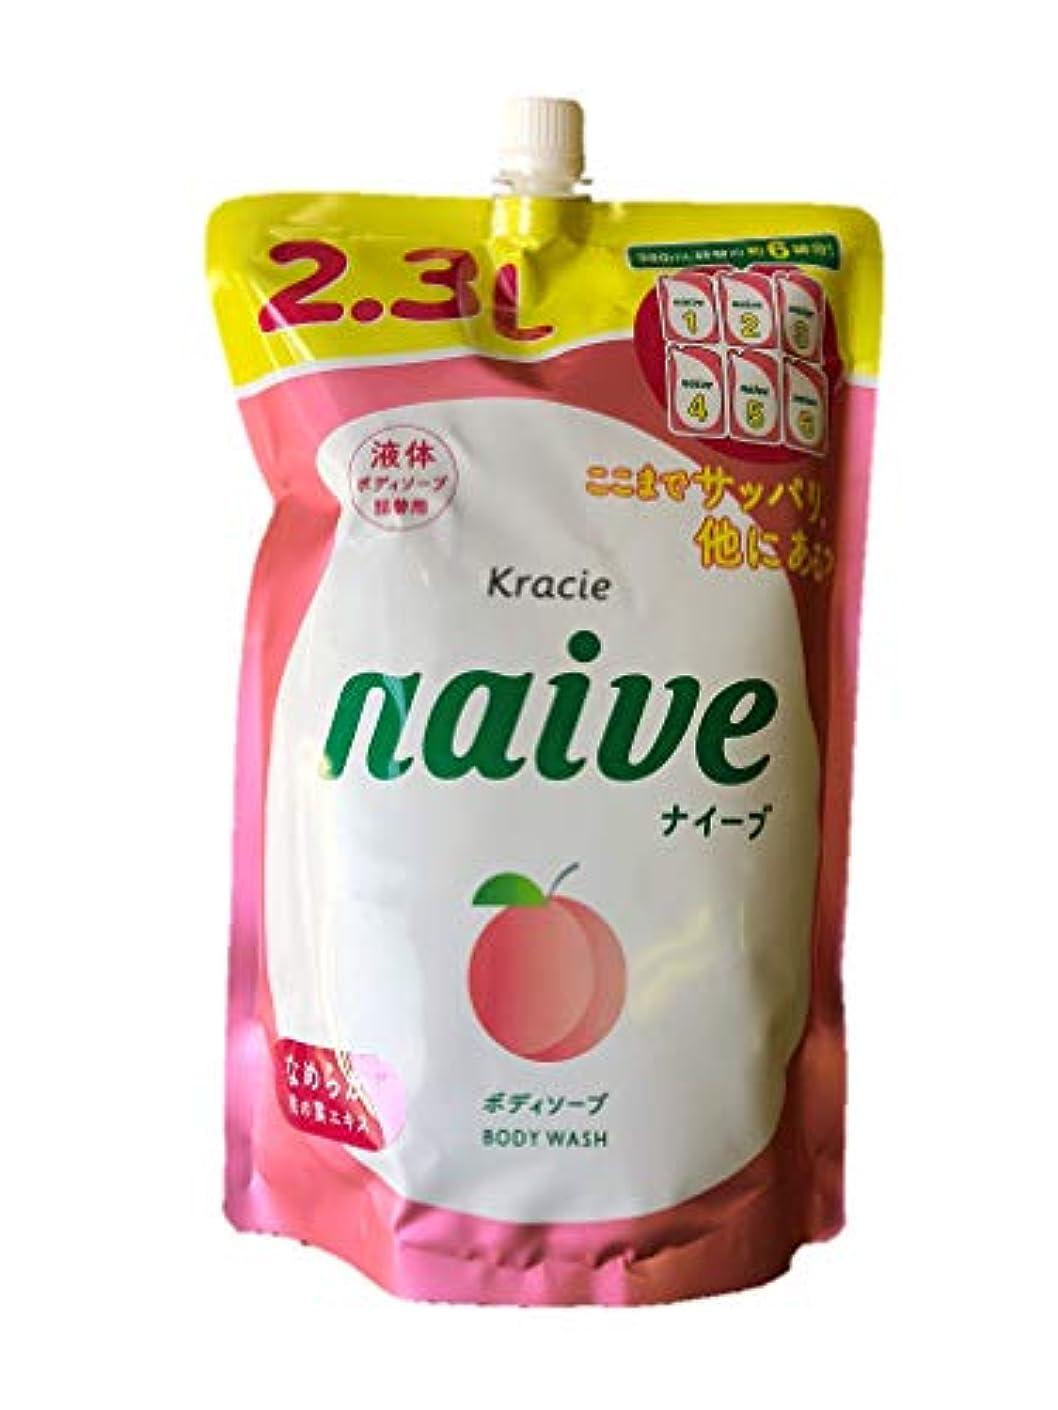 リール取り扱い二週間【大容量2.3L】ナイーブ 植物性ボディーソープ 自然でやさしい桃の香り 2300ml